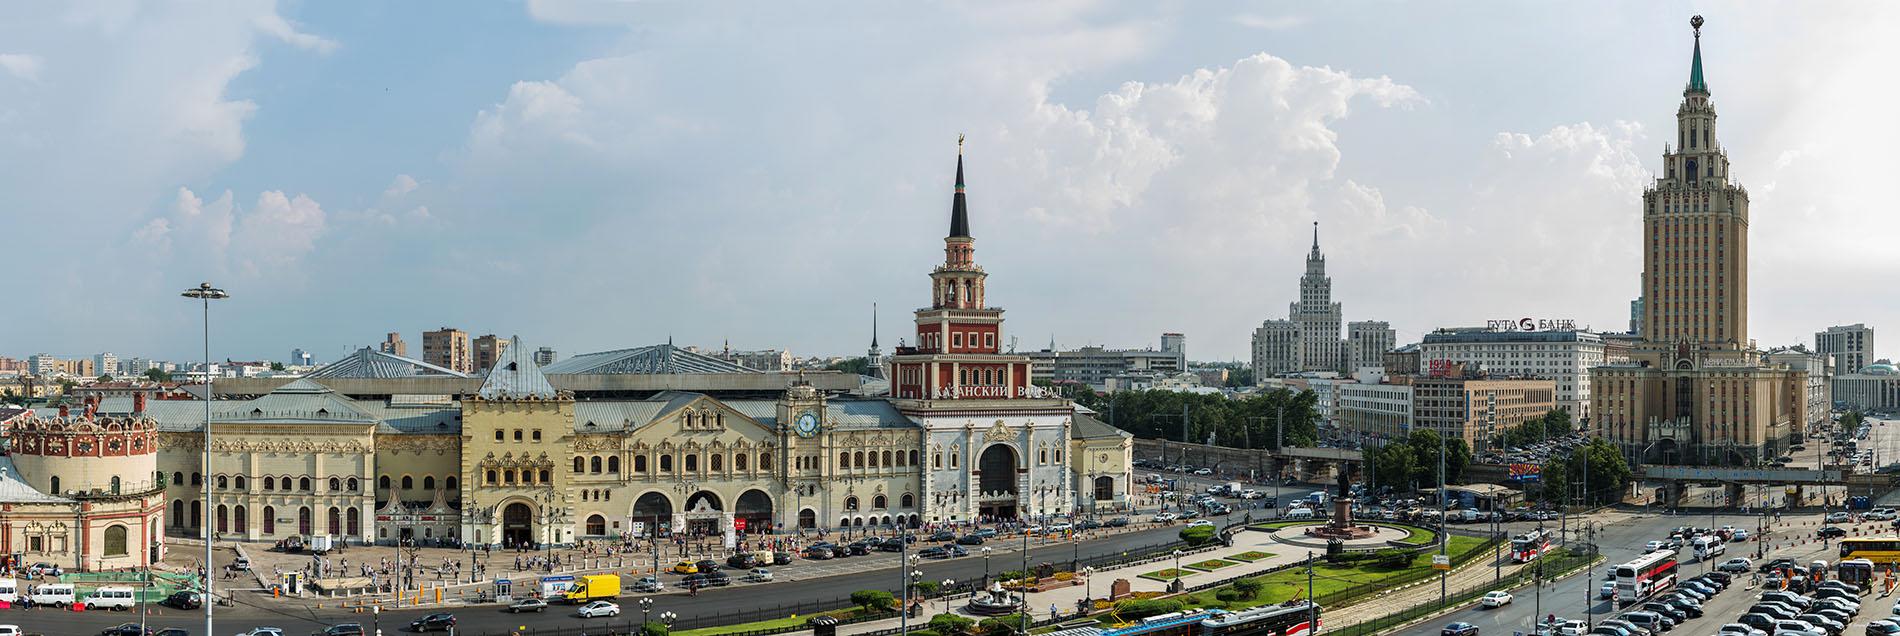 Yaroslavsky railway station - Komsomolskaya metro station: the way to the north 90